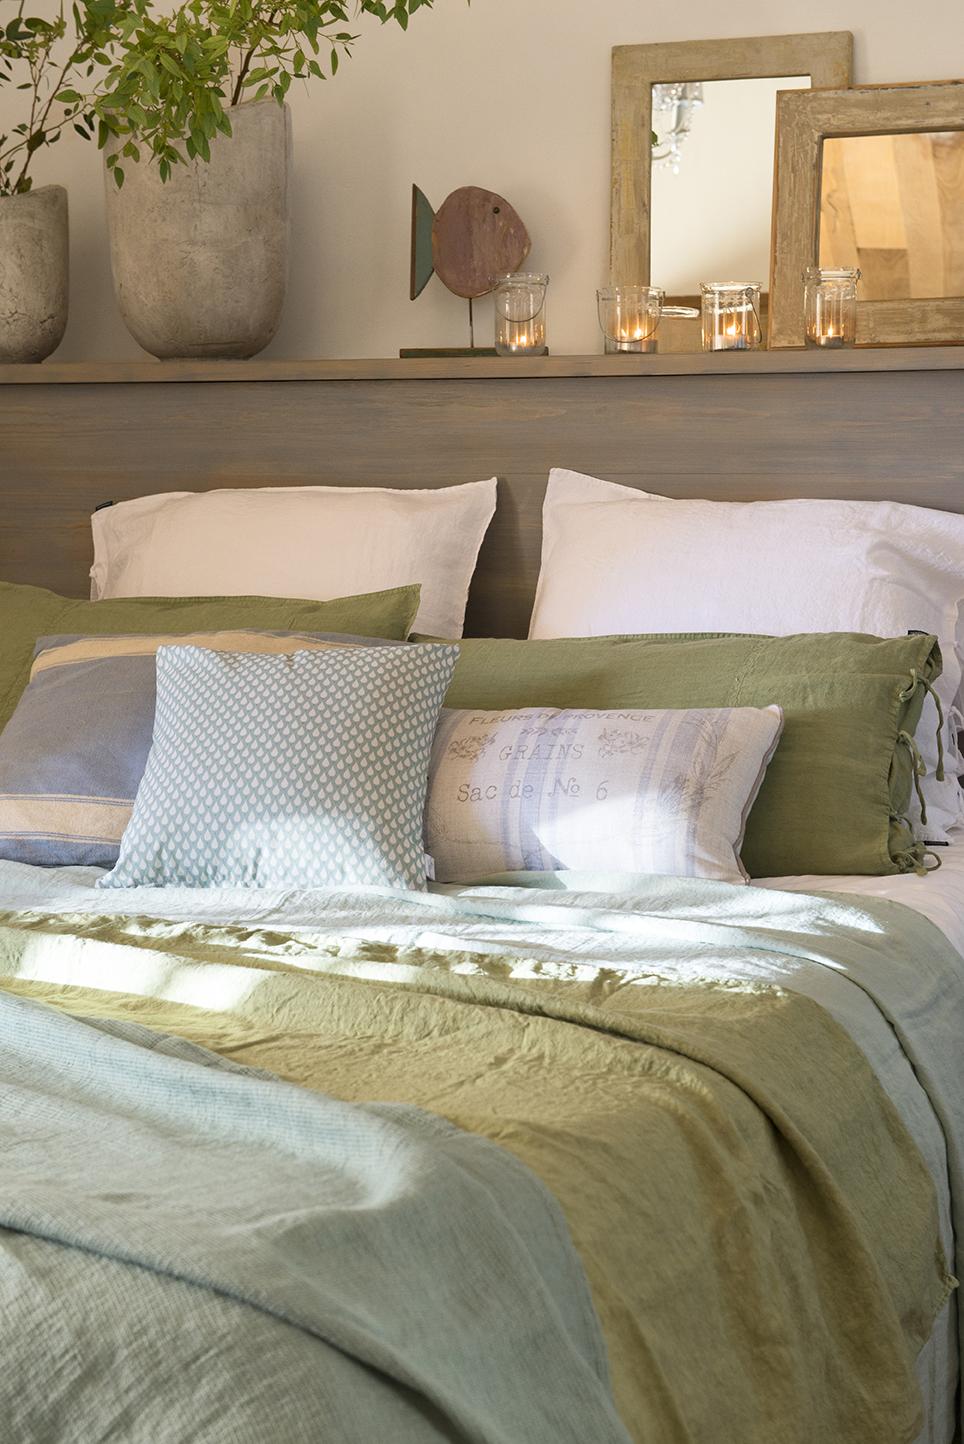 Dormitorios decorados seg n el feng shui para mantener - Que poner encima de una comoda ...